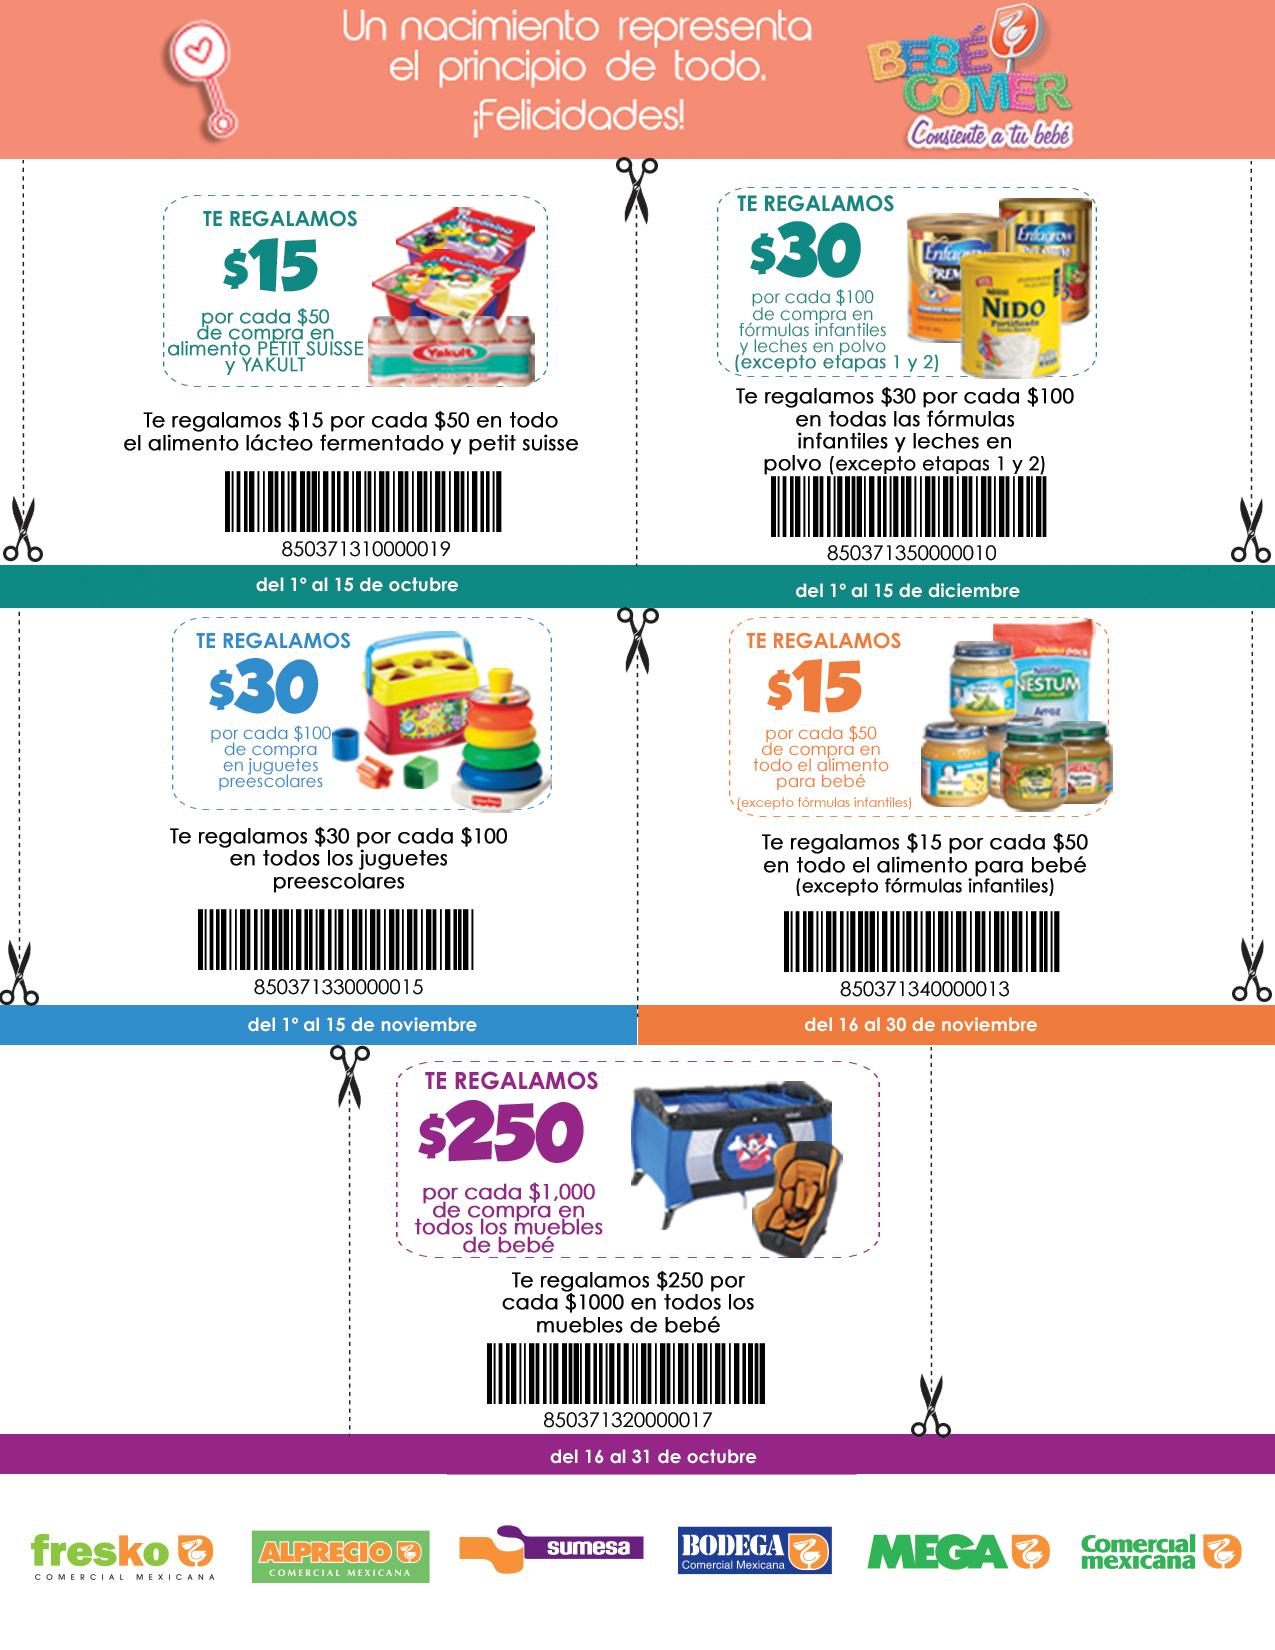 La Comer: cuponera de artículos para bebé (alimento, muebles, juguetes y más)